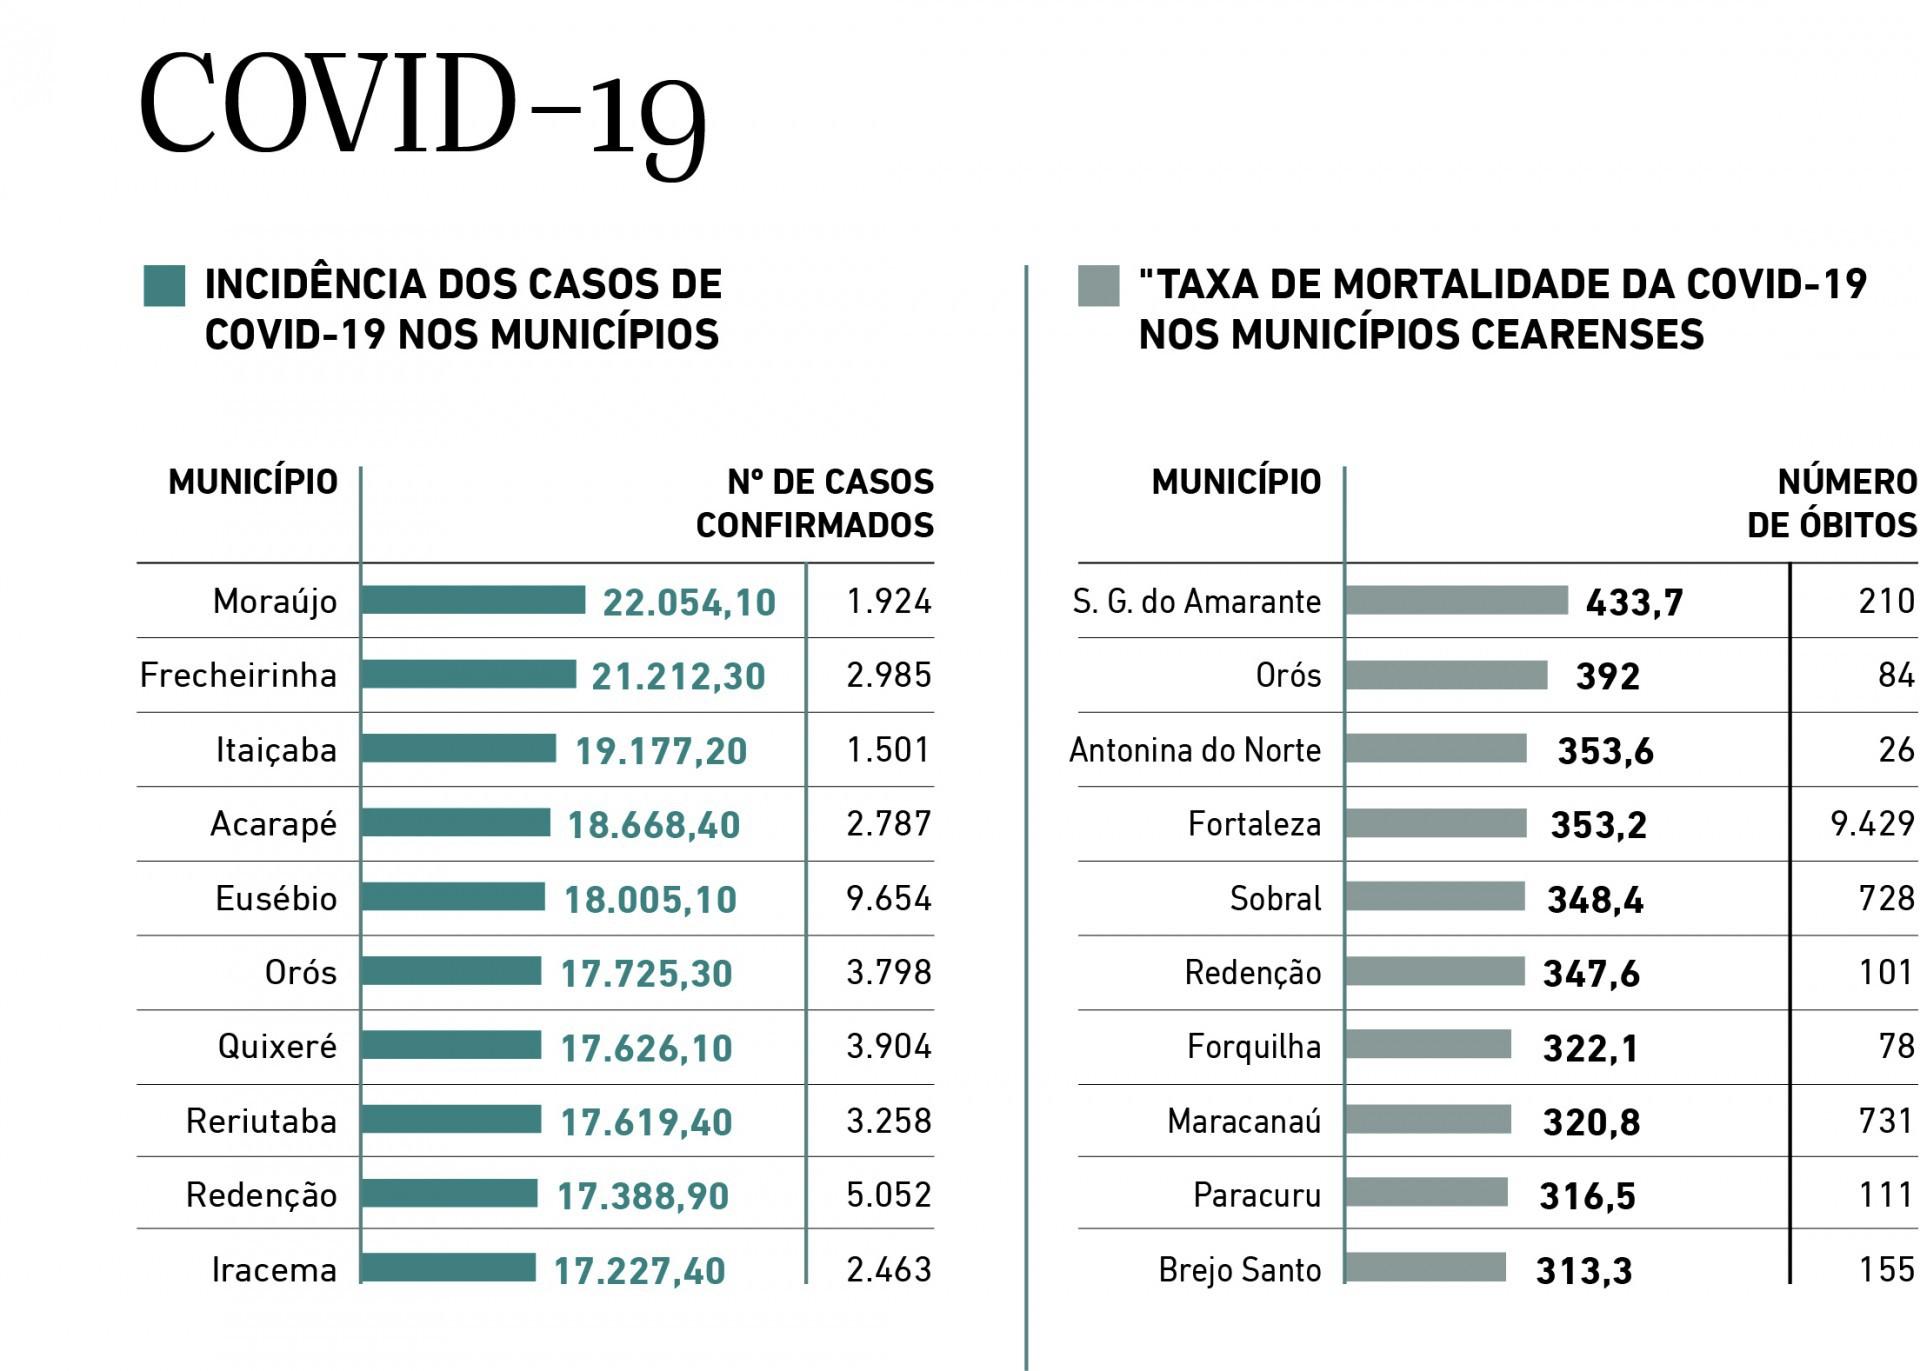 Covid-19 - Incidencias e obitos(Foto: Covid-19 - Incidencias e obitos)